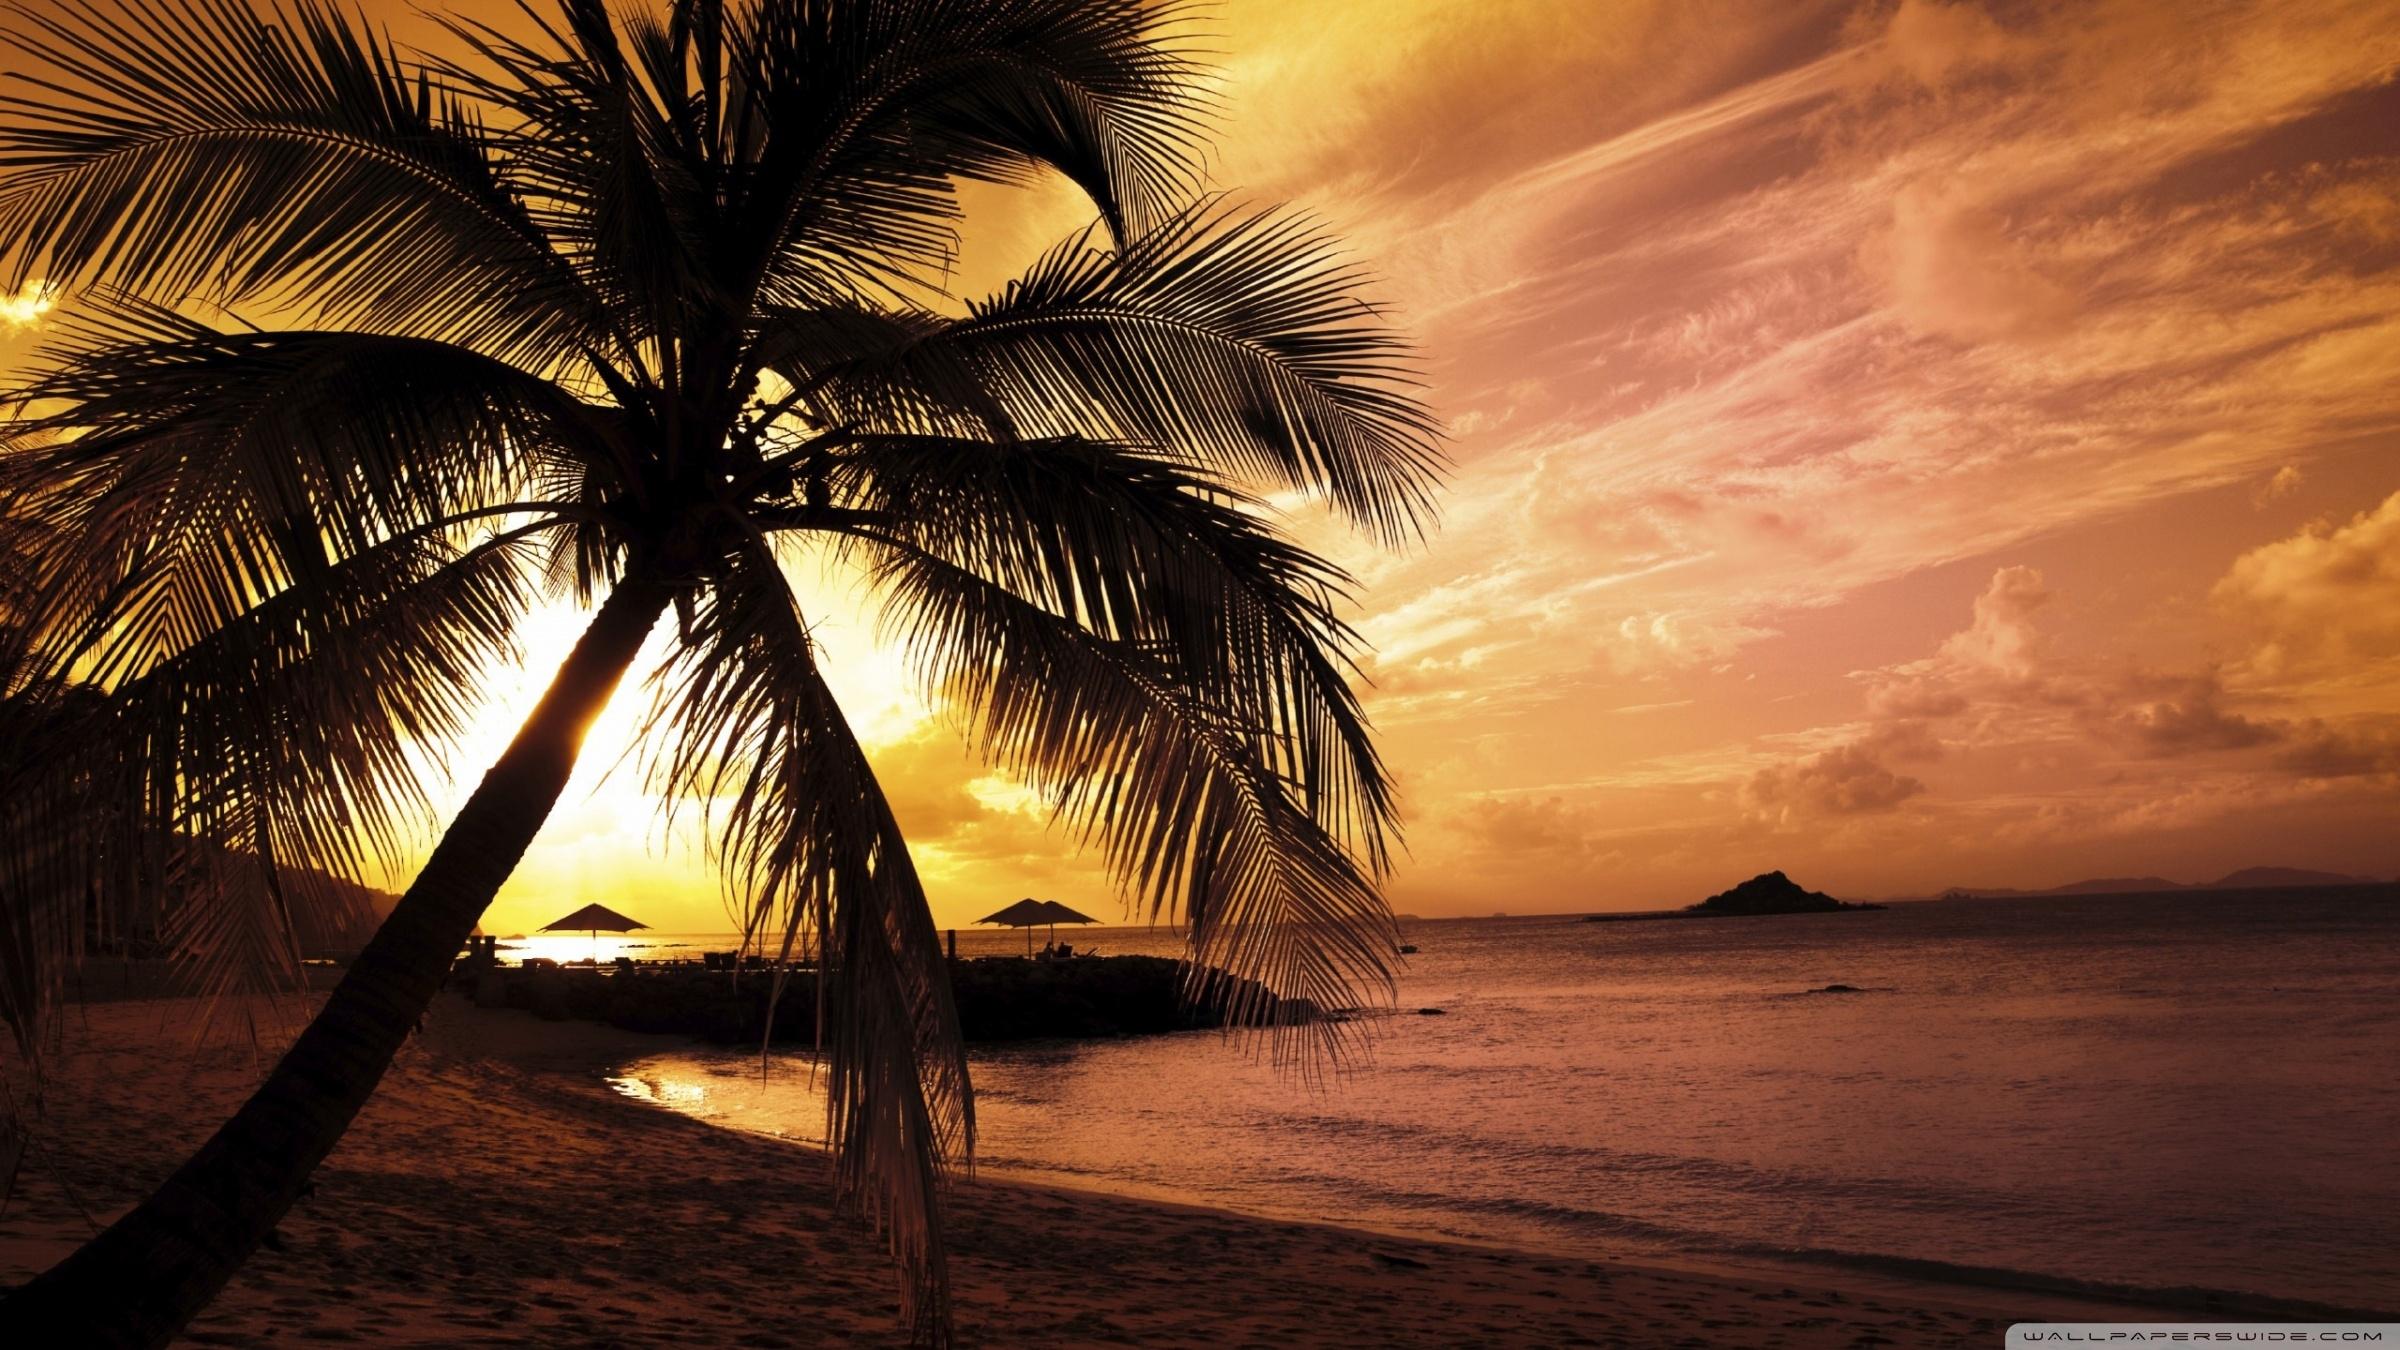 tropical beach sunset ❤ 4k hd desktop wallpaper for 4k ultra hd